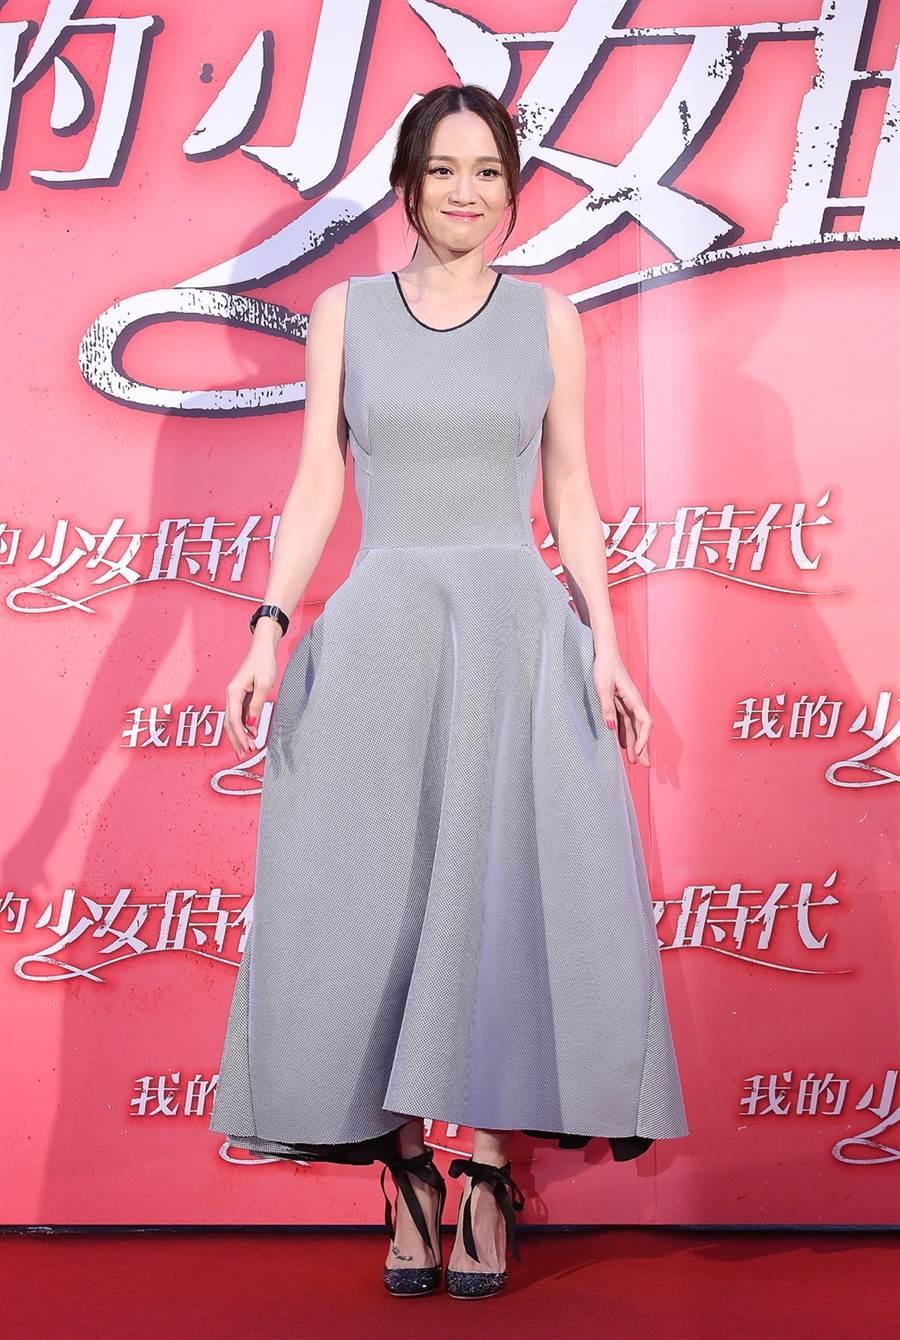 陈乔恩不止恋情引发关注,她的身材和颜值也是外界焦点。(图/本报系资料照片)